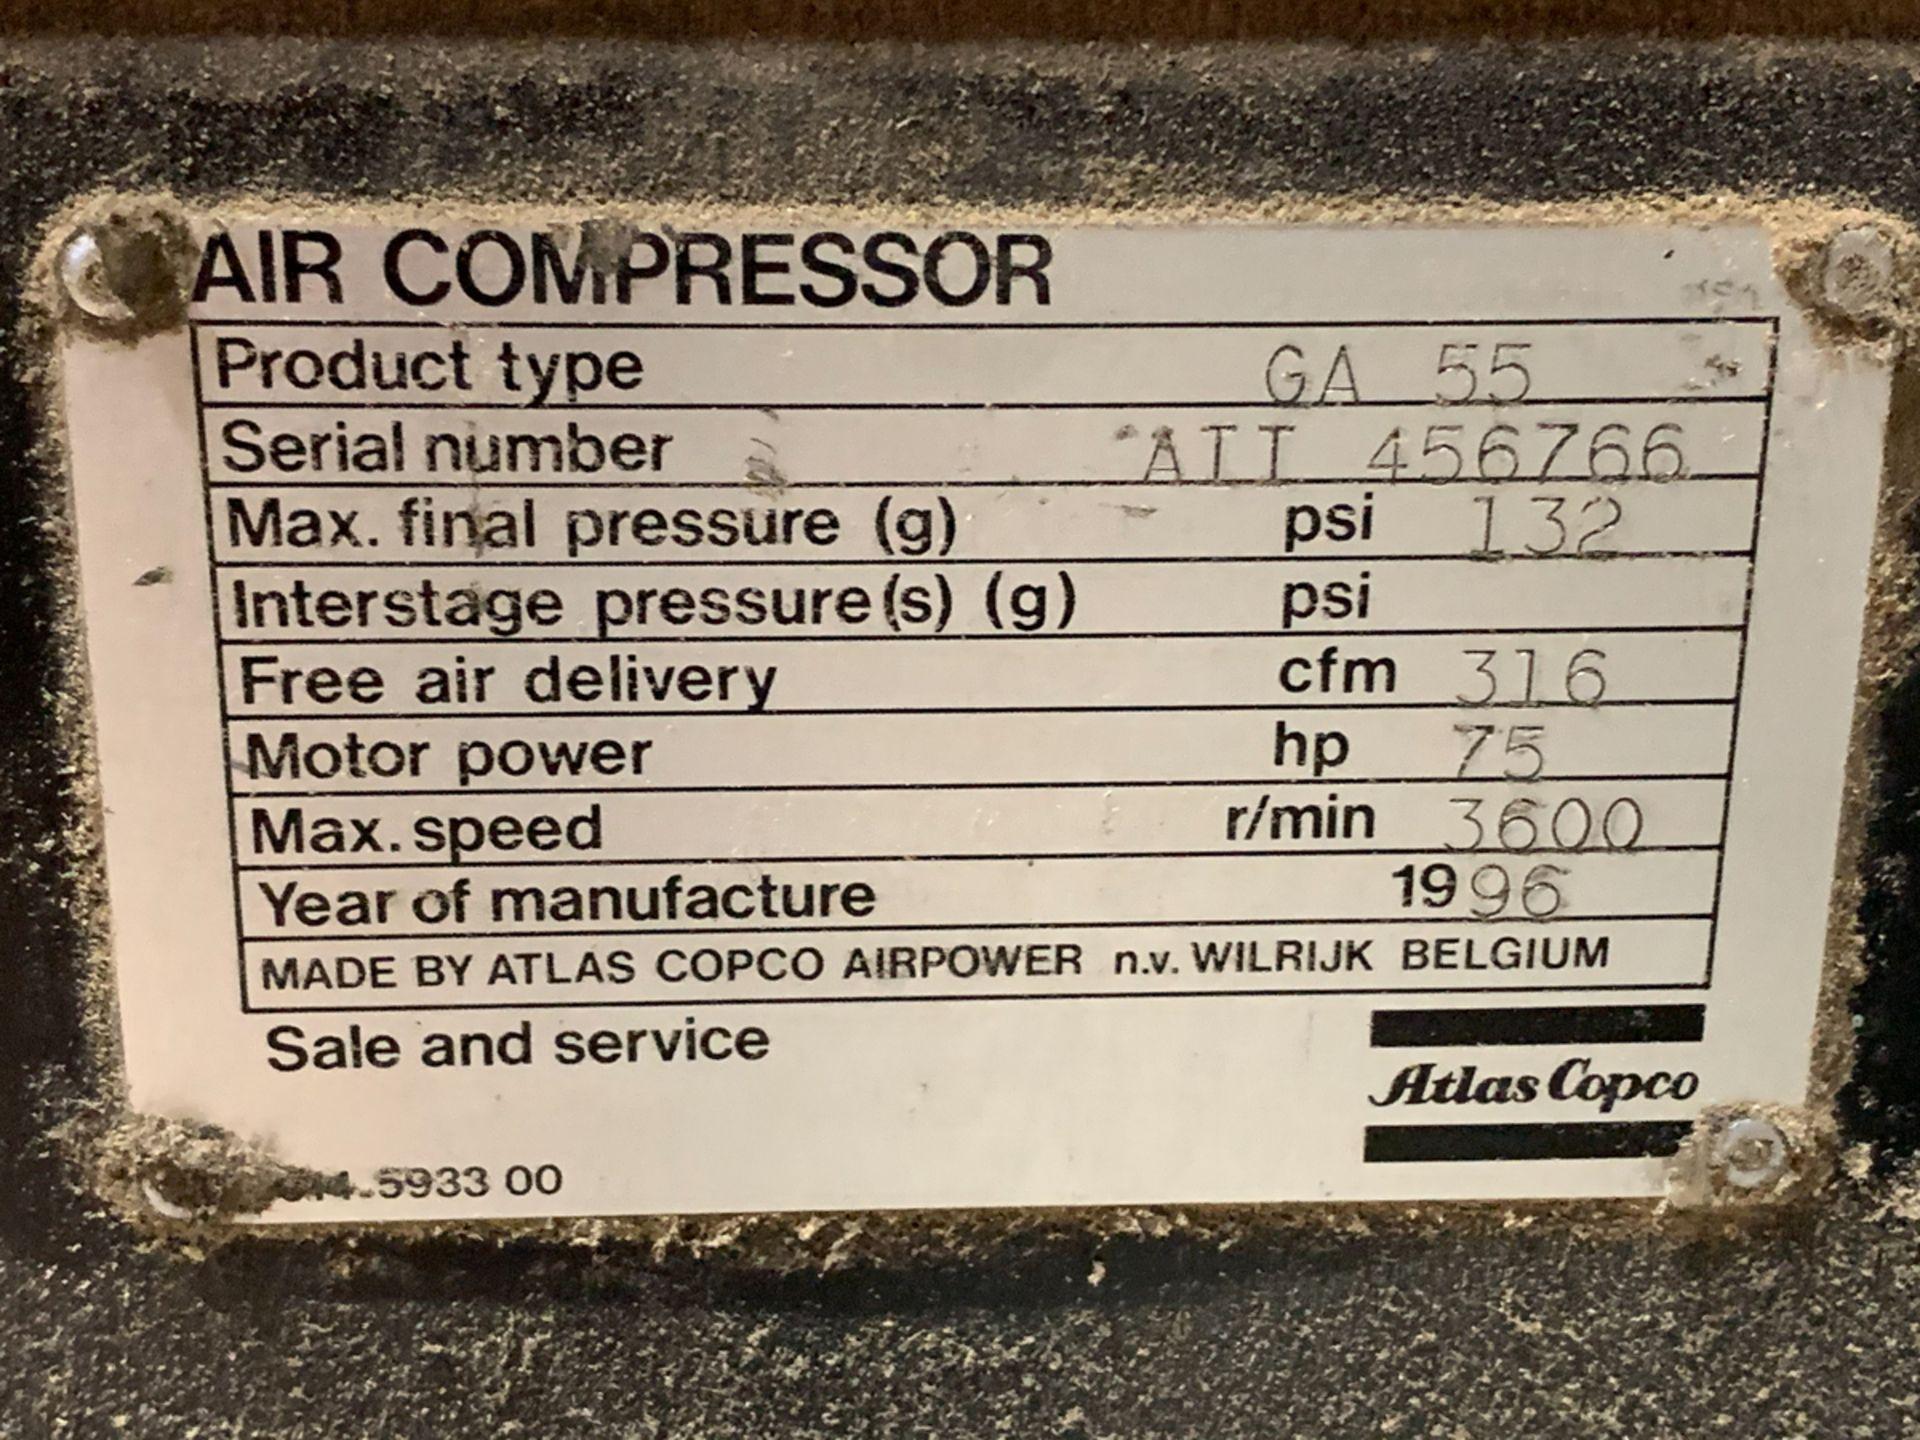 ATLAS COPCO GA 55, 75 HP AIR COMPRESSOR, WATER COOLED, S/N: A11456766, 600 VOLTS, W/ ATLAS COPCO - Image 3 of 6